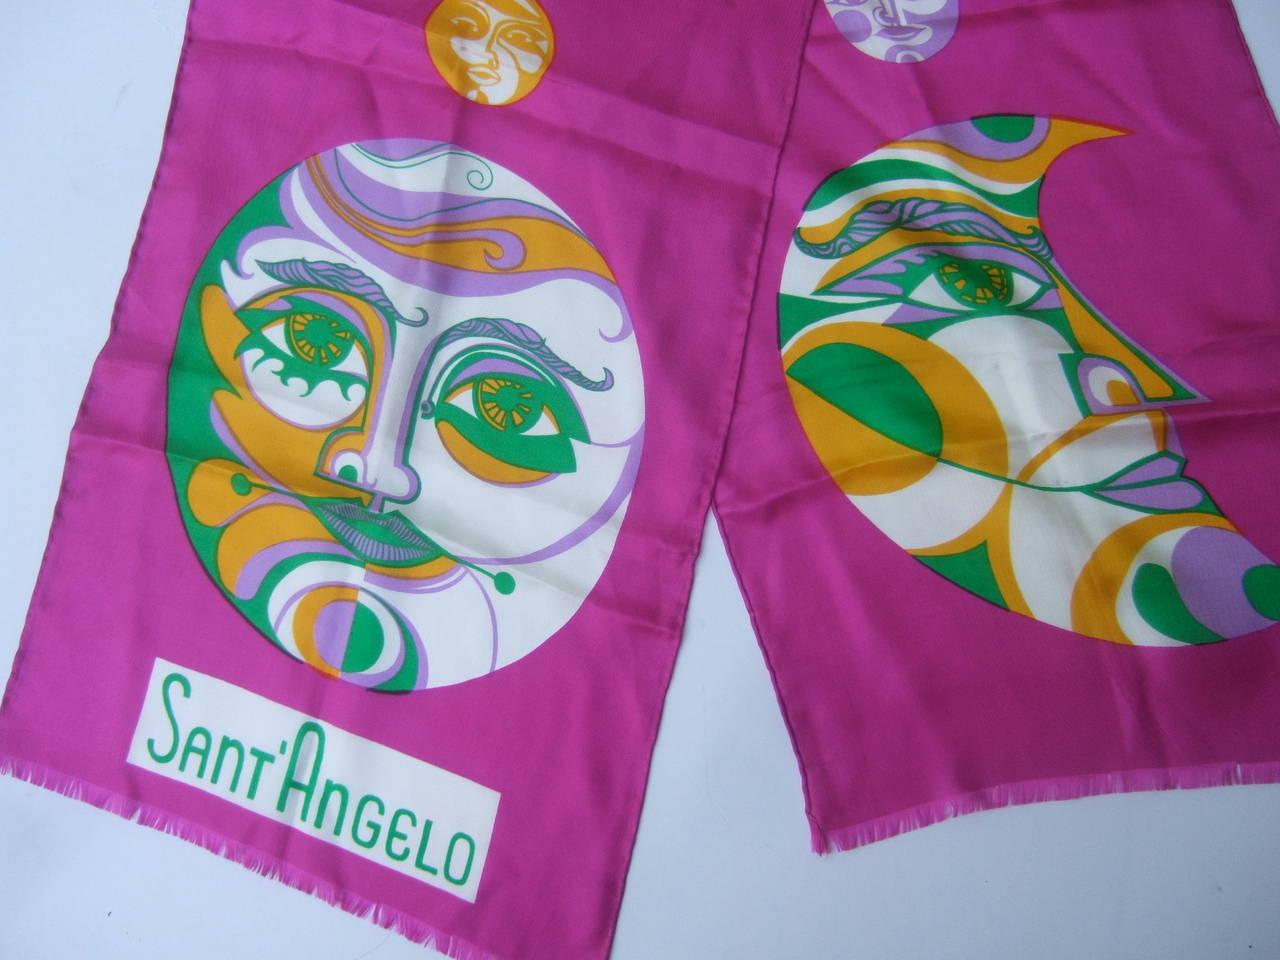 Sant' Angelo Moon & Stars Fuchsia Silk Oblong Scarf c 1970 For Sale 1